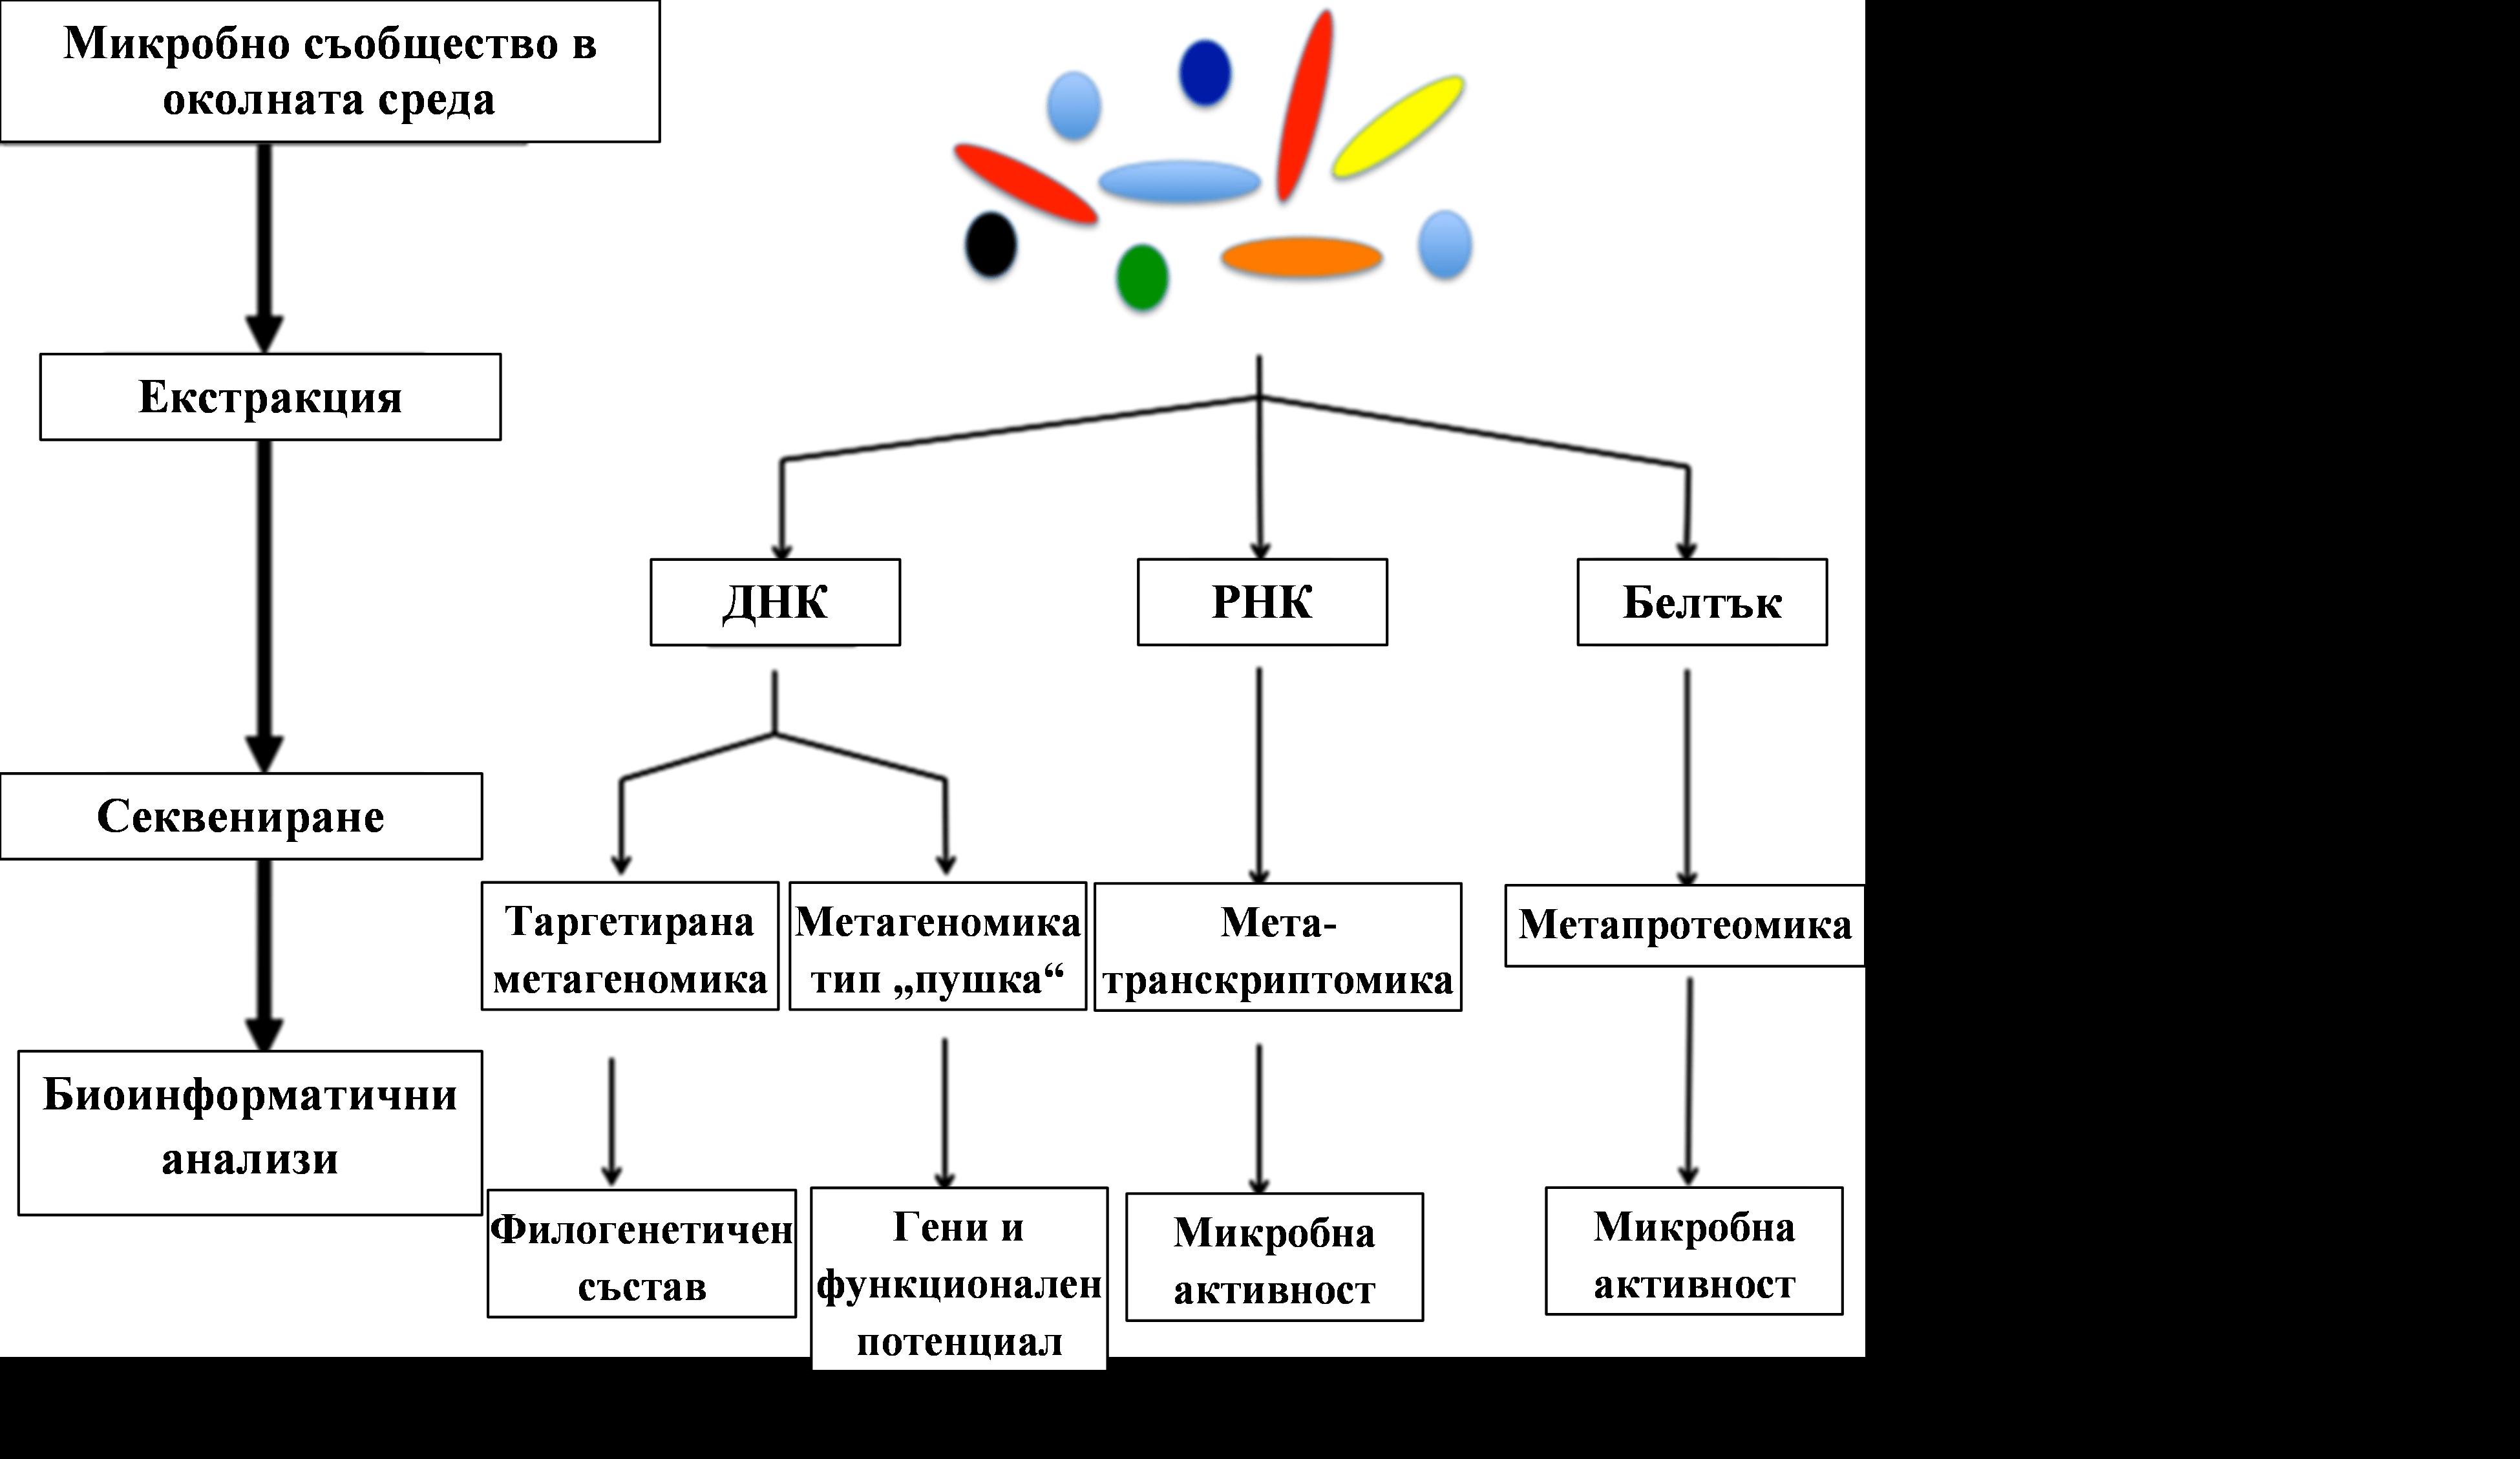 Фигура 4. Метагеномни подходи за изучаване на микробните съобщества